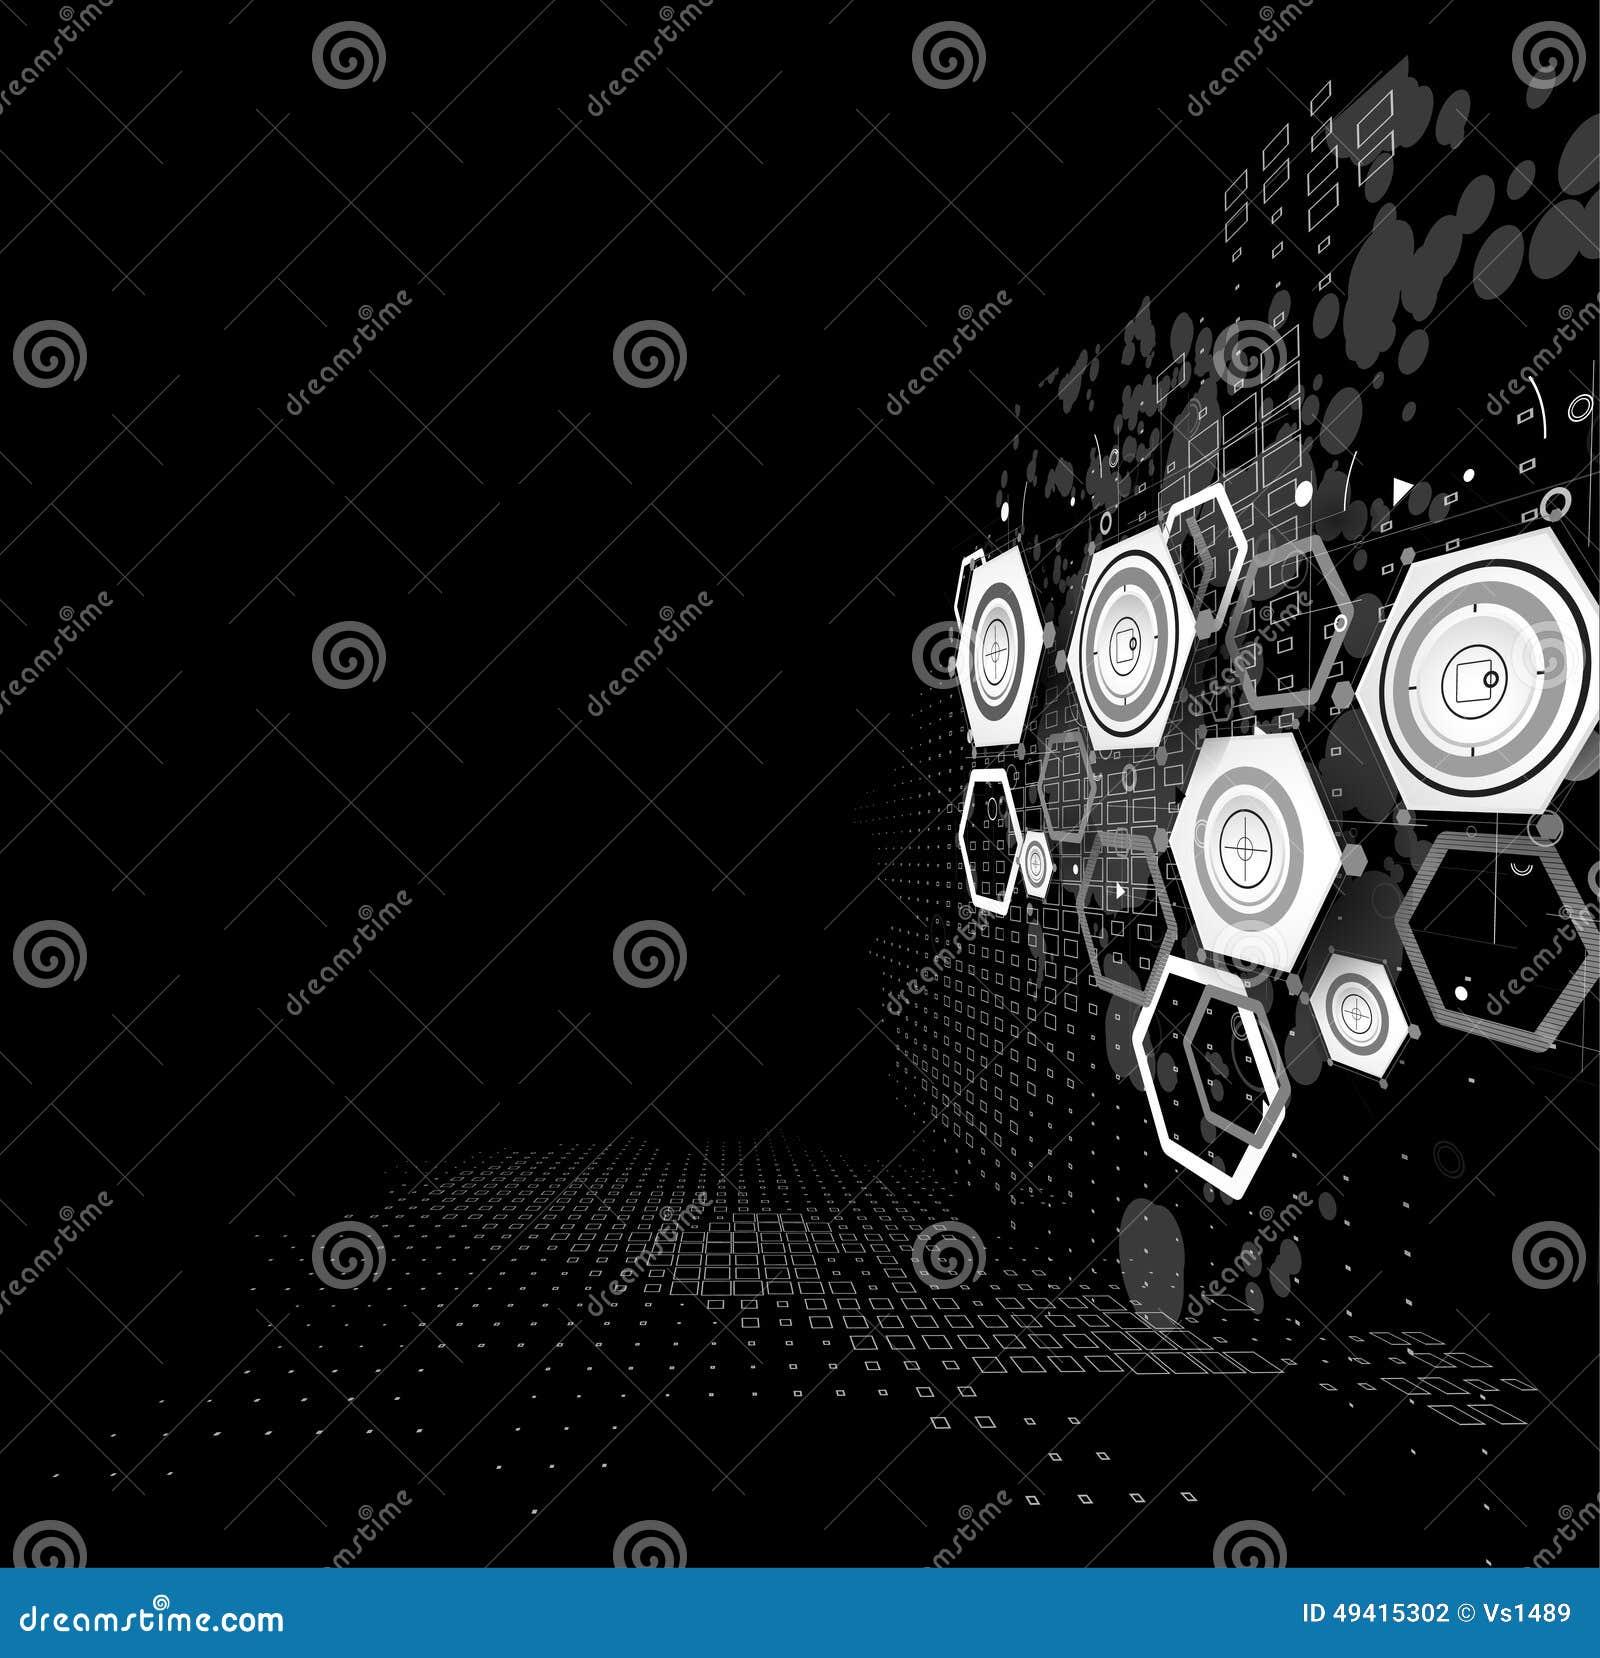 Download Bunter Abstrakter Geometrischer Hintergrund Für Design Vektor Abbildung - Illustration von abdeckung, auszug: 49415302